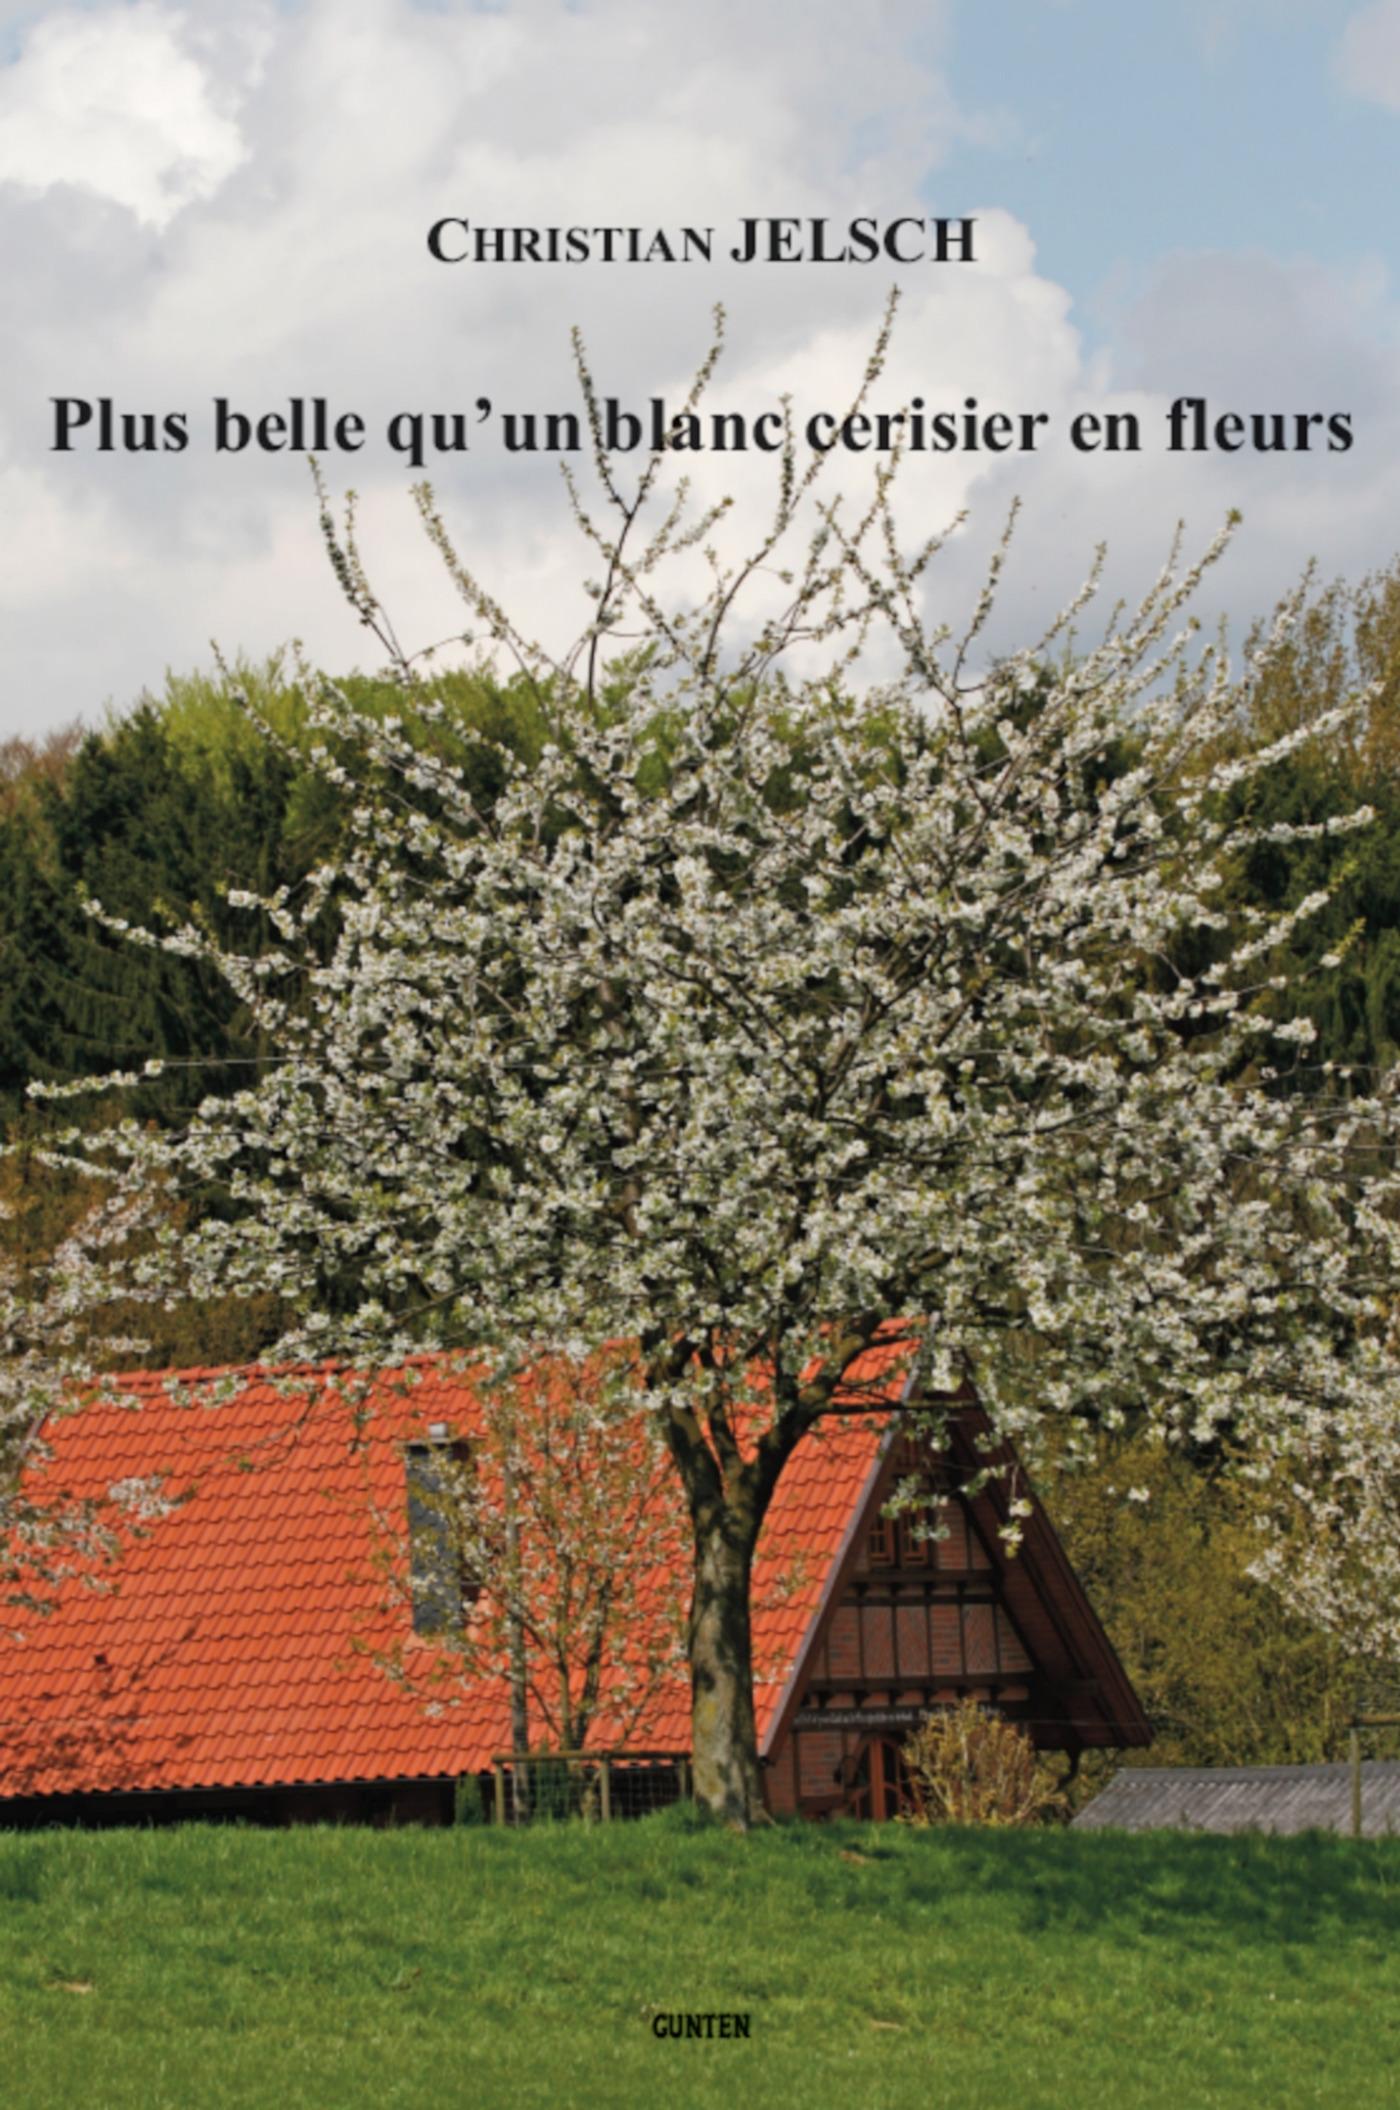 Plus belle qu'un blanc cerisier en fleurs